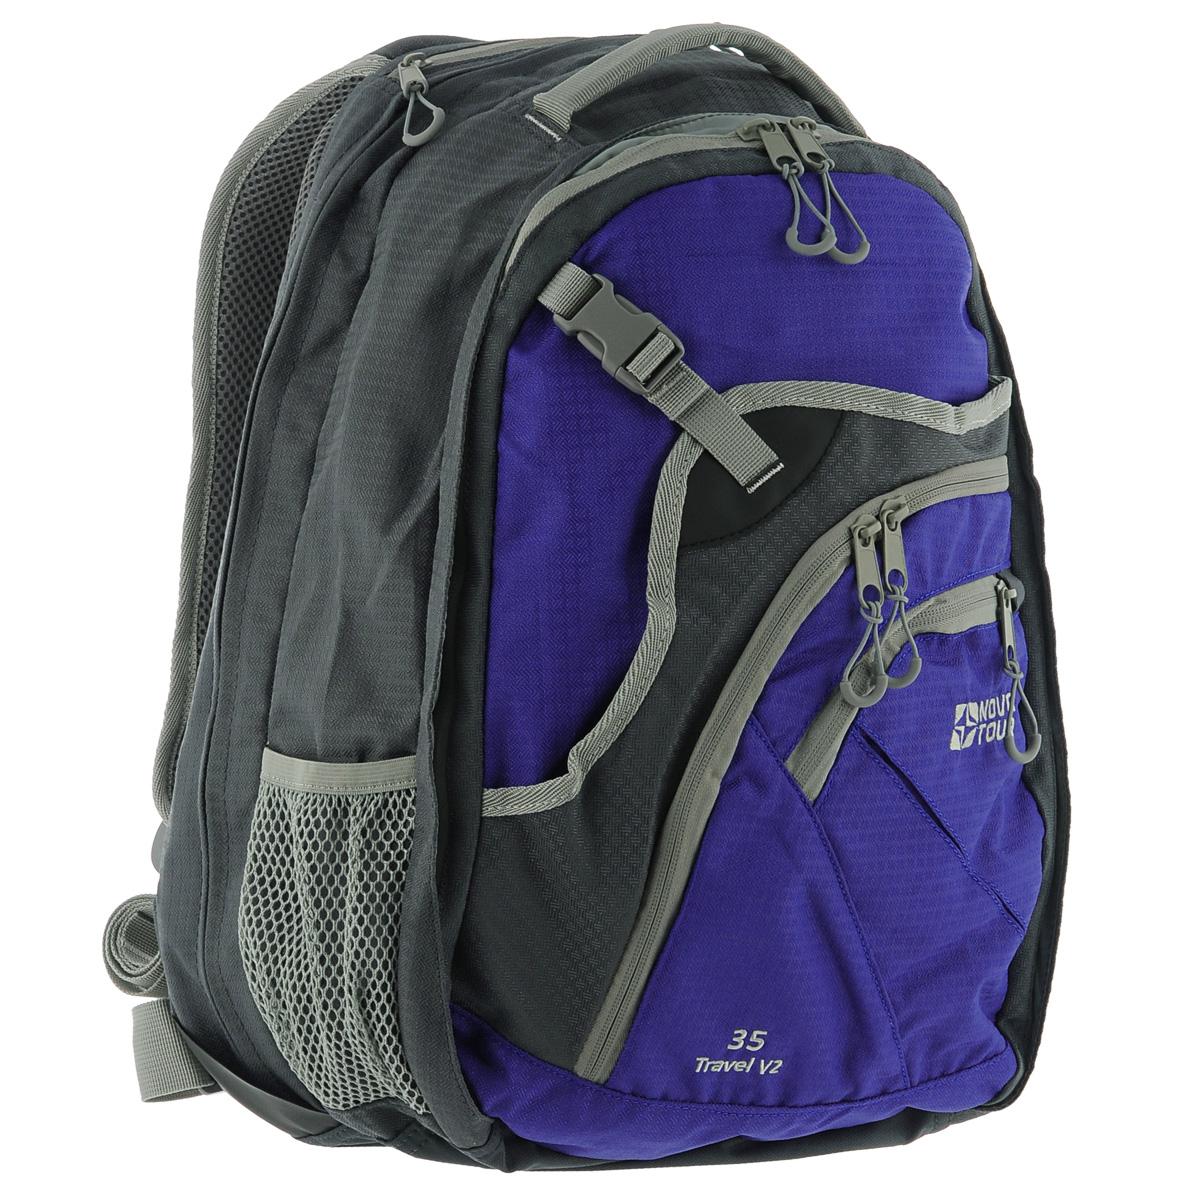 Рюкзак Nova Tour Трэвел 35 V2, цвет: серый, синий, 35 л95411-468-00Вместительный рюкзак-чемодан Nova Tour Трэвел 35 V2 позволит разместить в себе все необходимое благодаря множеству отделений и карманов. Выполнен из прочного полиэстера. Имеет 1 вместительное отделение на застежке-молнии с двумя бегунками, внутри которого расположен сетчатый карман и карман на застежке-молнии. На передней части расположен карман на пластиковой защелке и 2 кармана на застежке-молнии. Внутри одного из карманов имеется карабин для ключей. По бокам имеется 2 сетчатых кармана. Сверху расположен мягкий карман для очков. Объем может быть увеличен на 10 л за счет молнии.